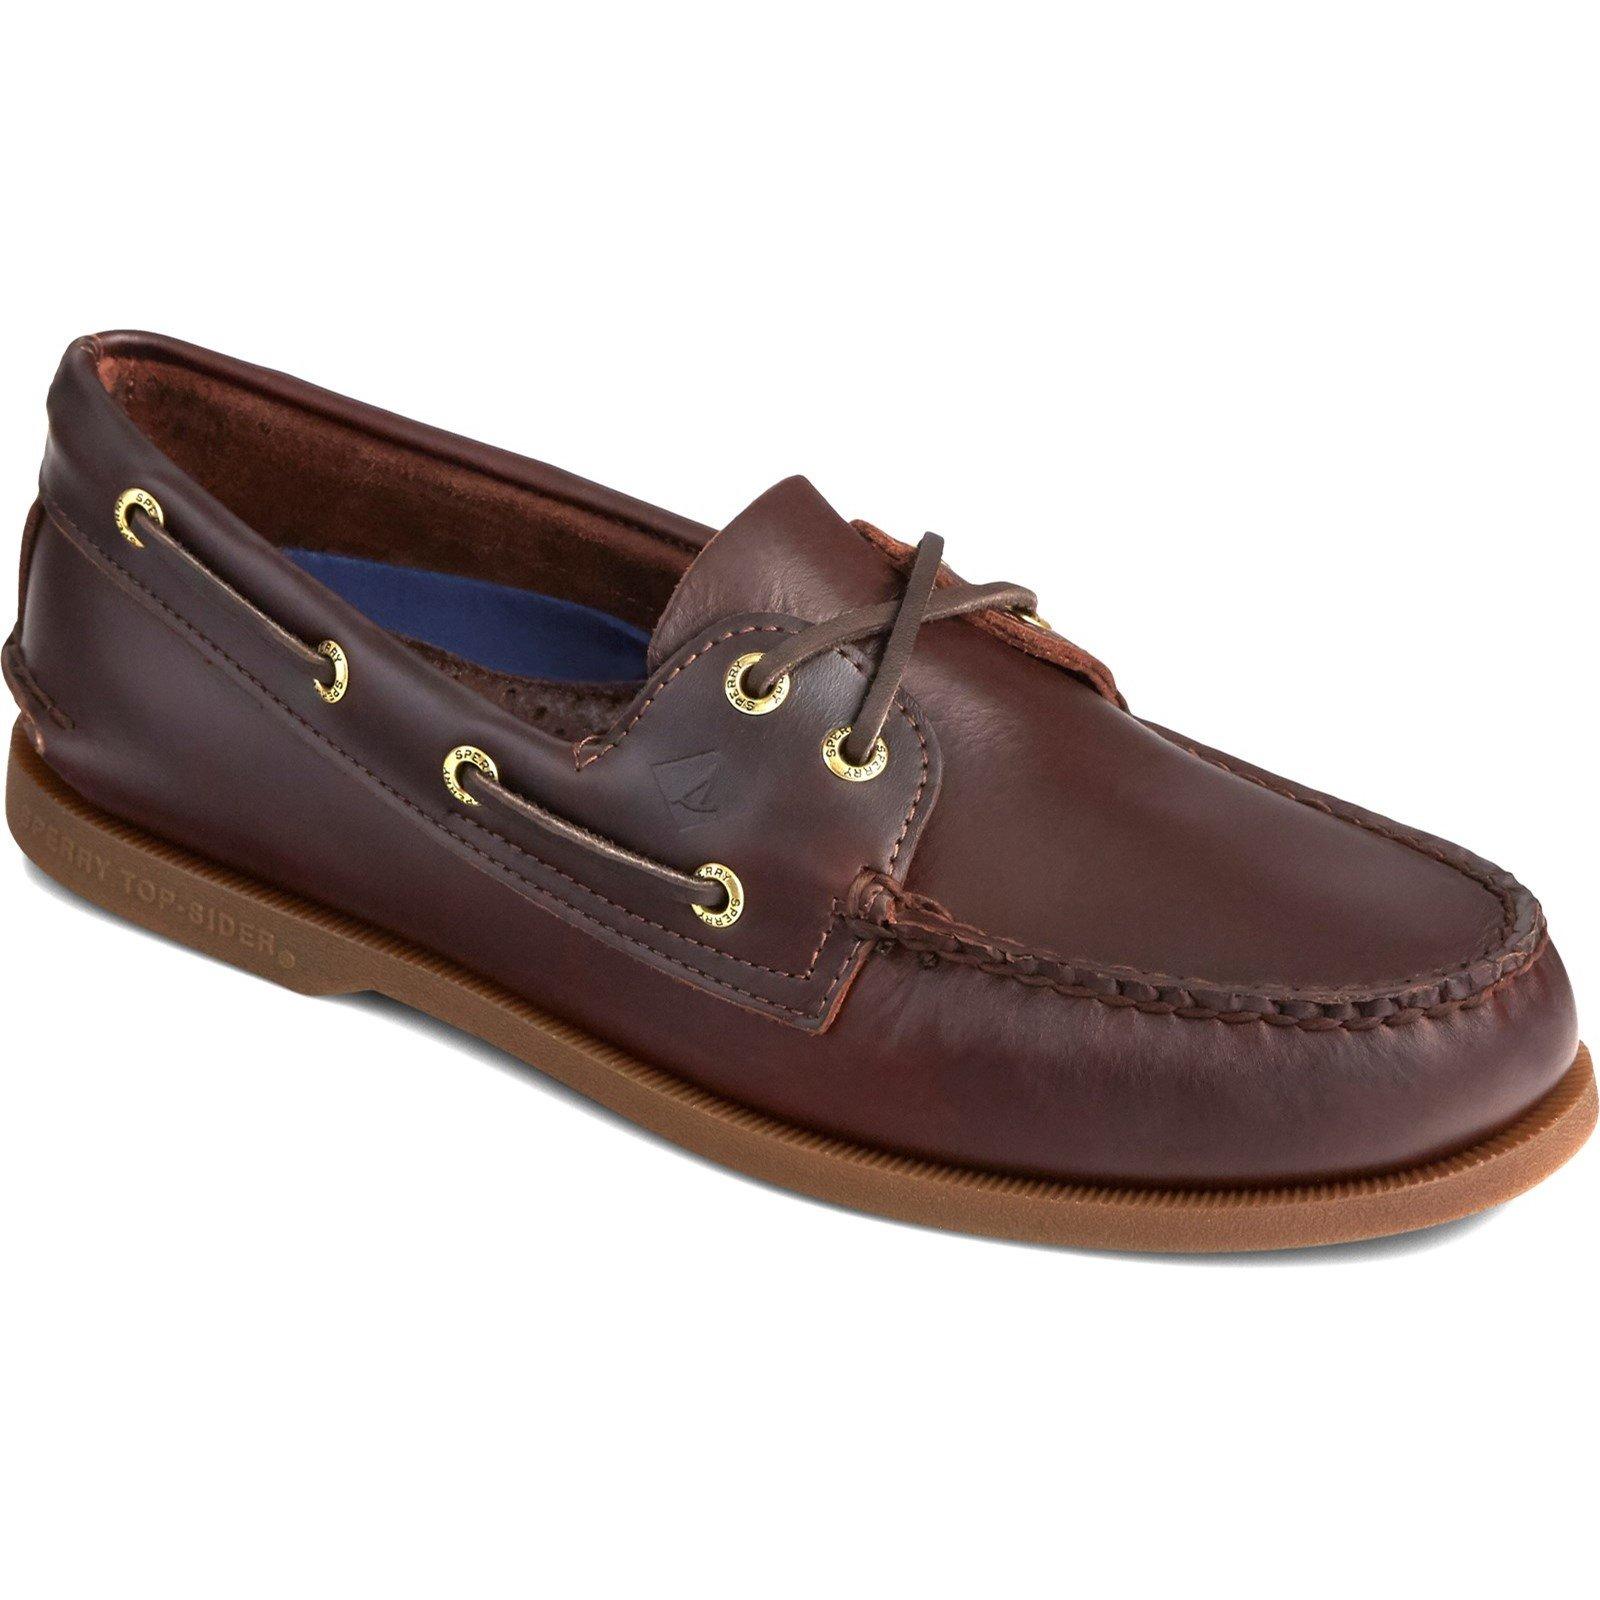 Sperry Men's Authentic Original Leather Boat Shoe Various Colours 31524 - Amaretto 10